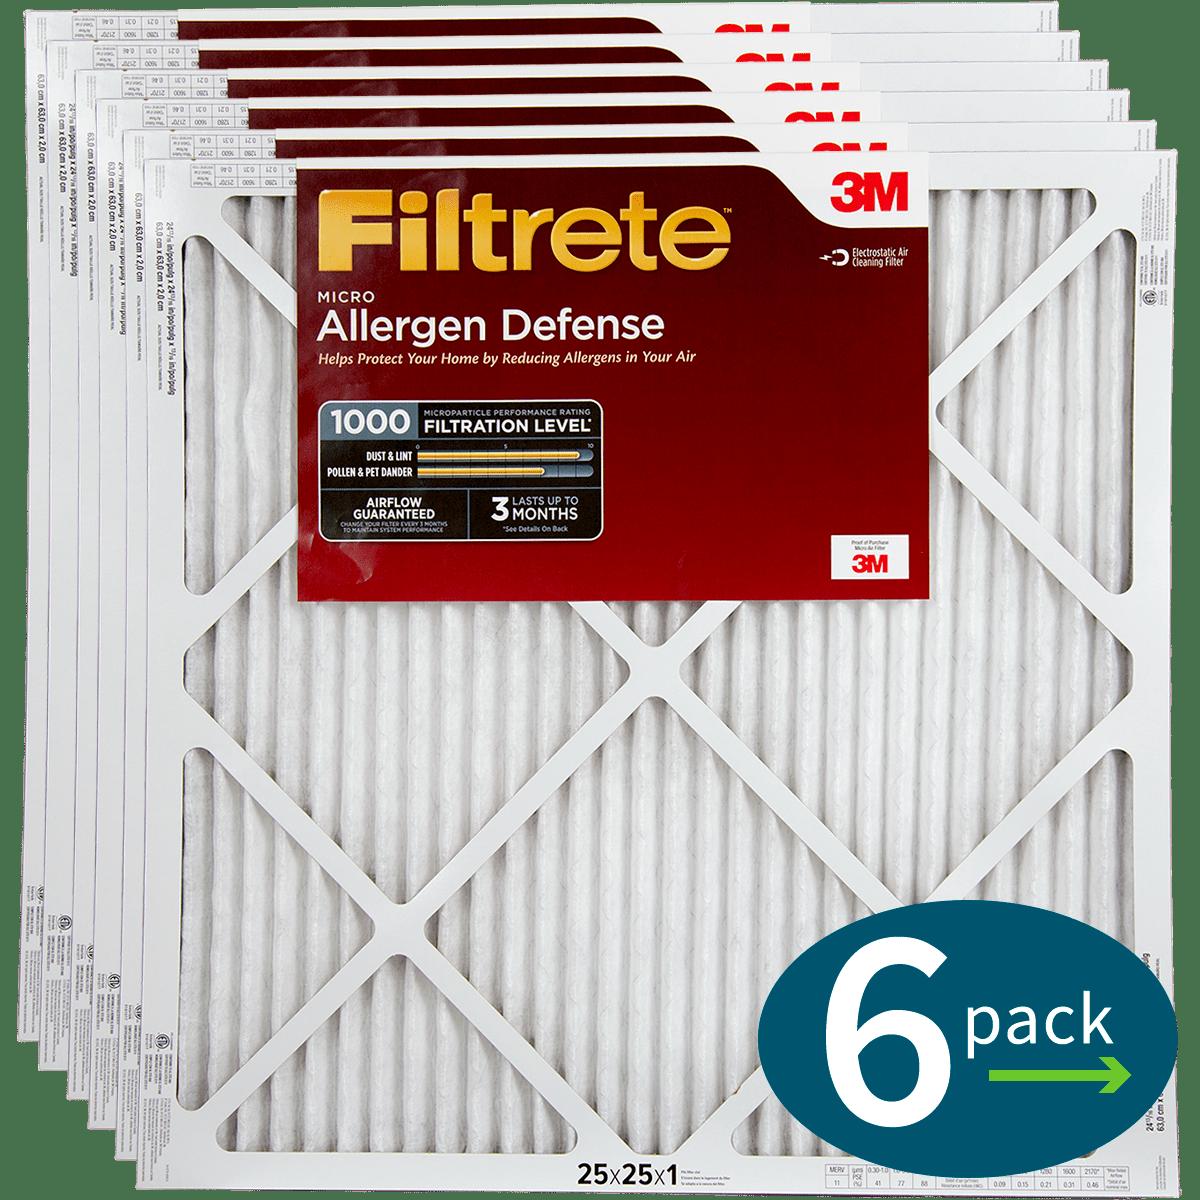 3M Filtrete 1-Inch Micro Allergen Defense MPR 1000 Air Filters - 2 Pack fi5415